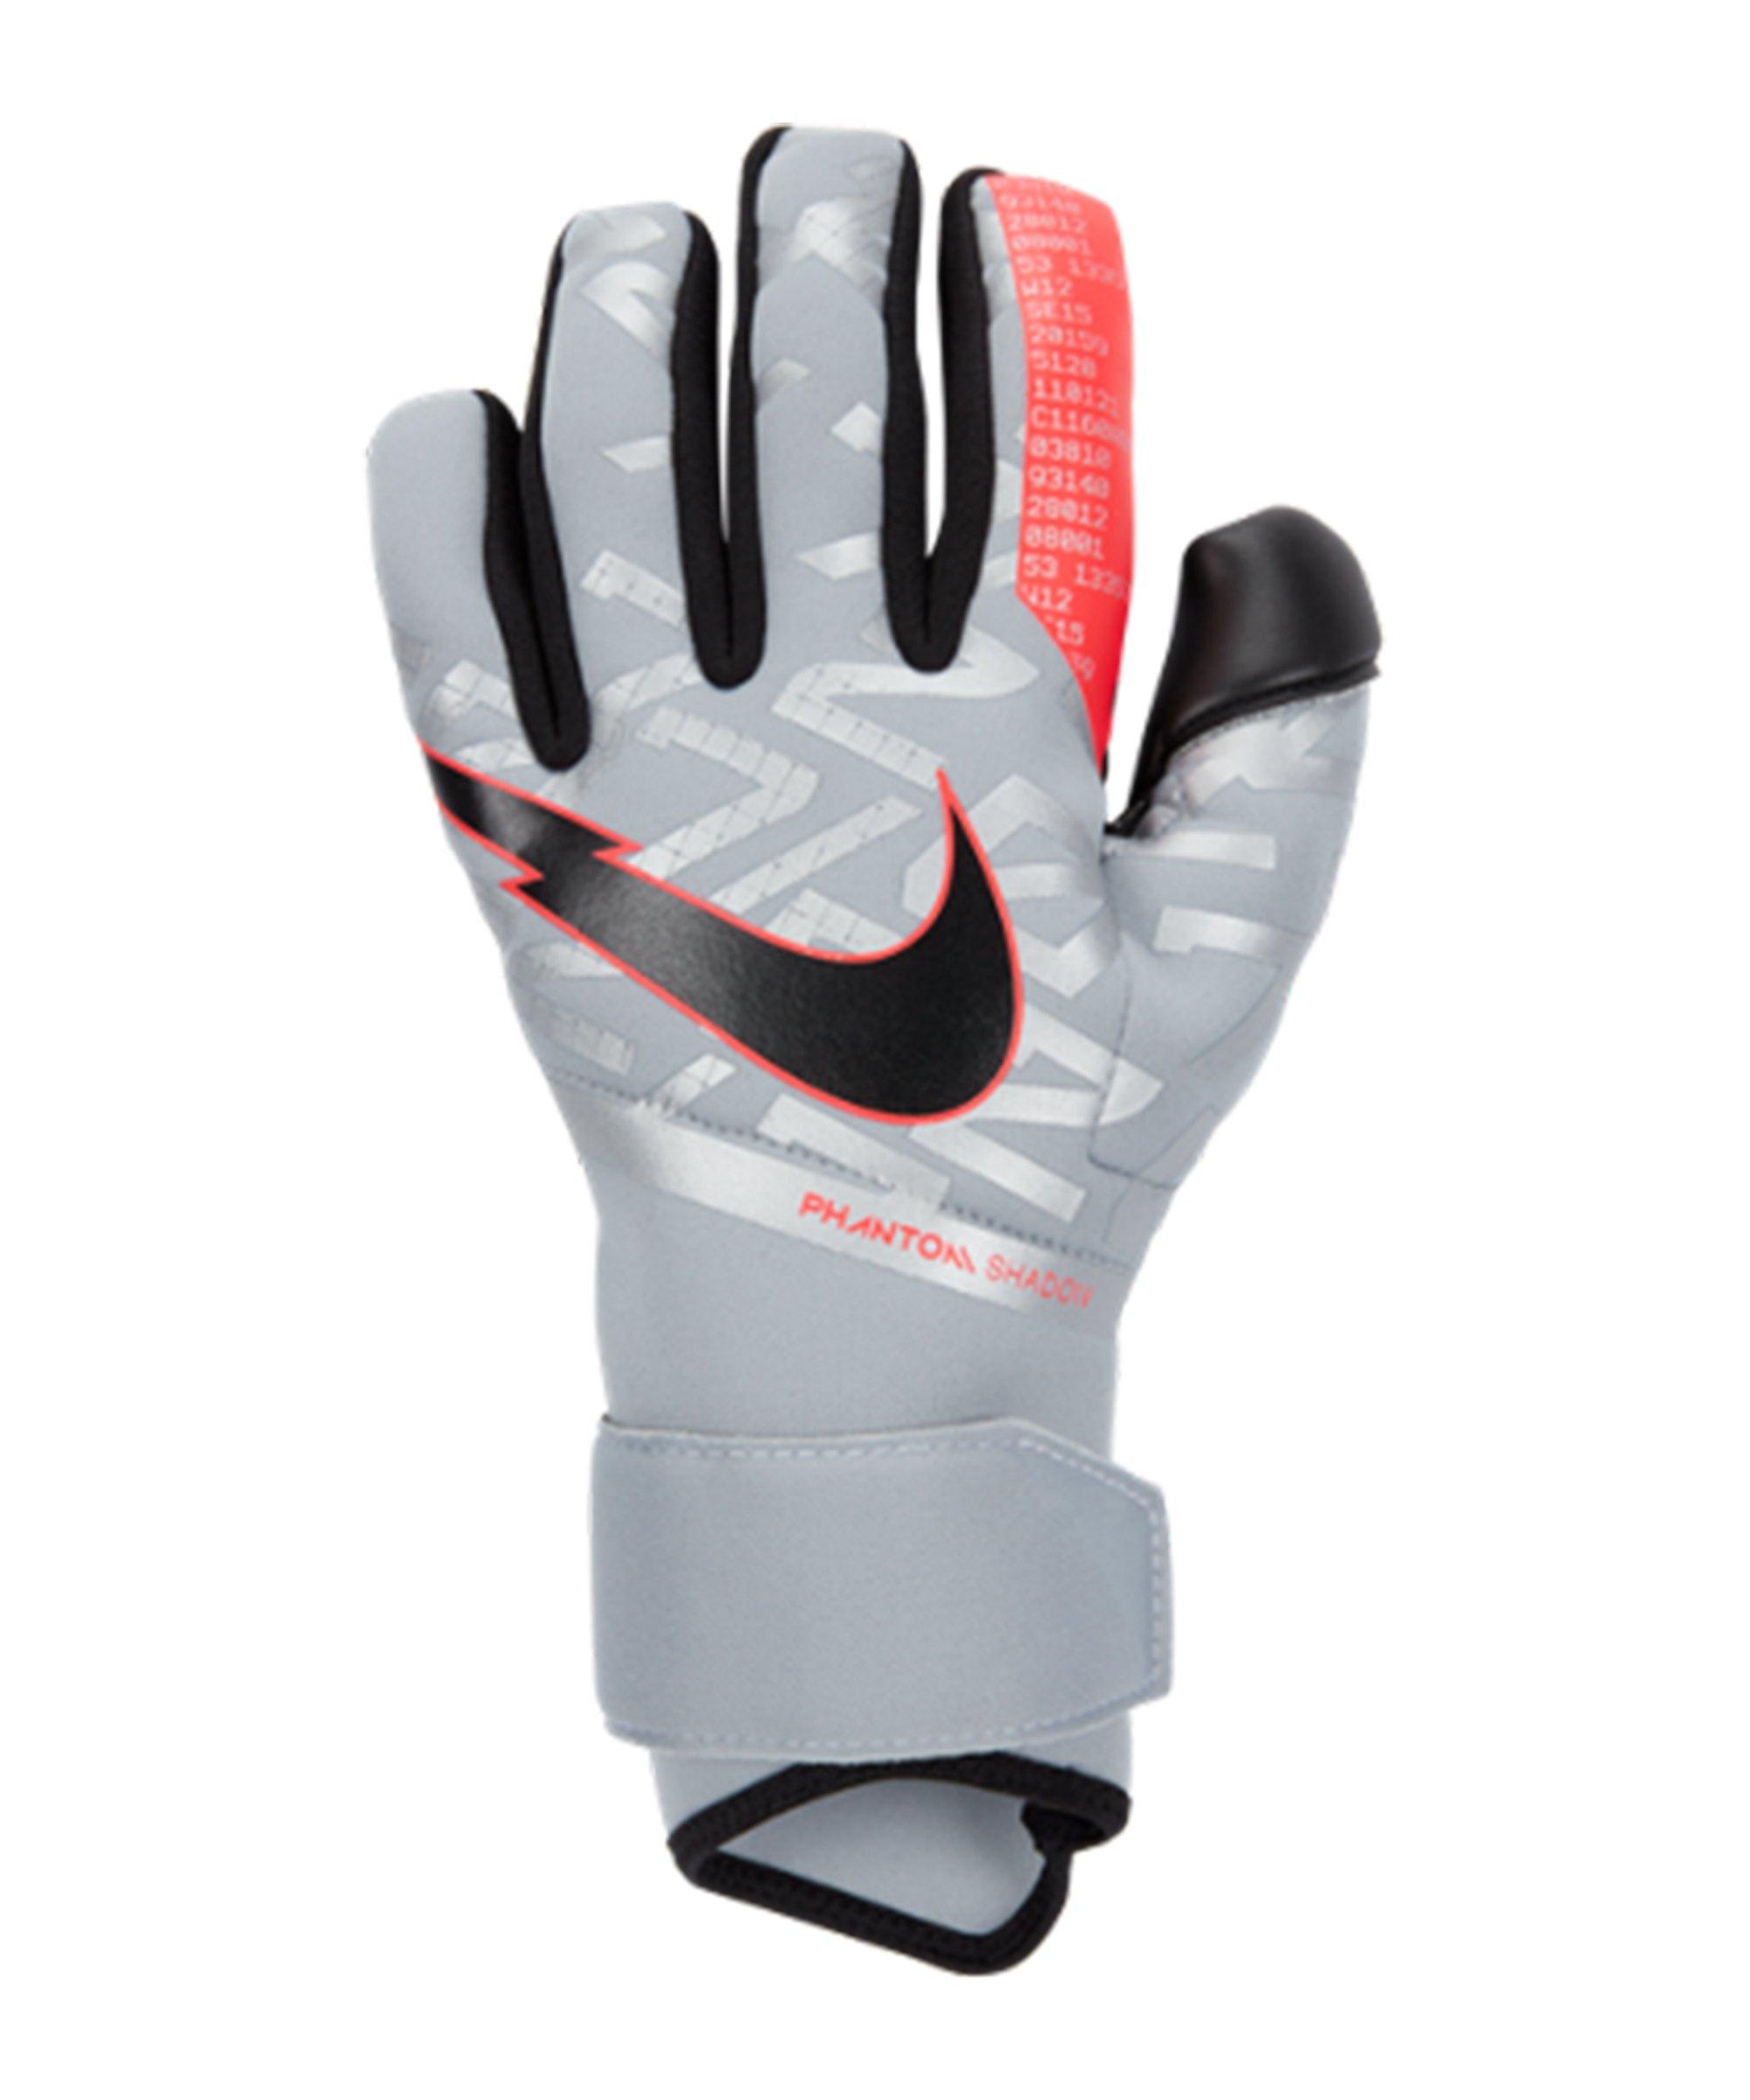 Nike Phantom Shadow Torwarthandschuh Grau F073 - grau